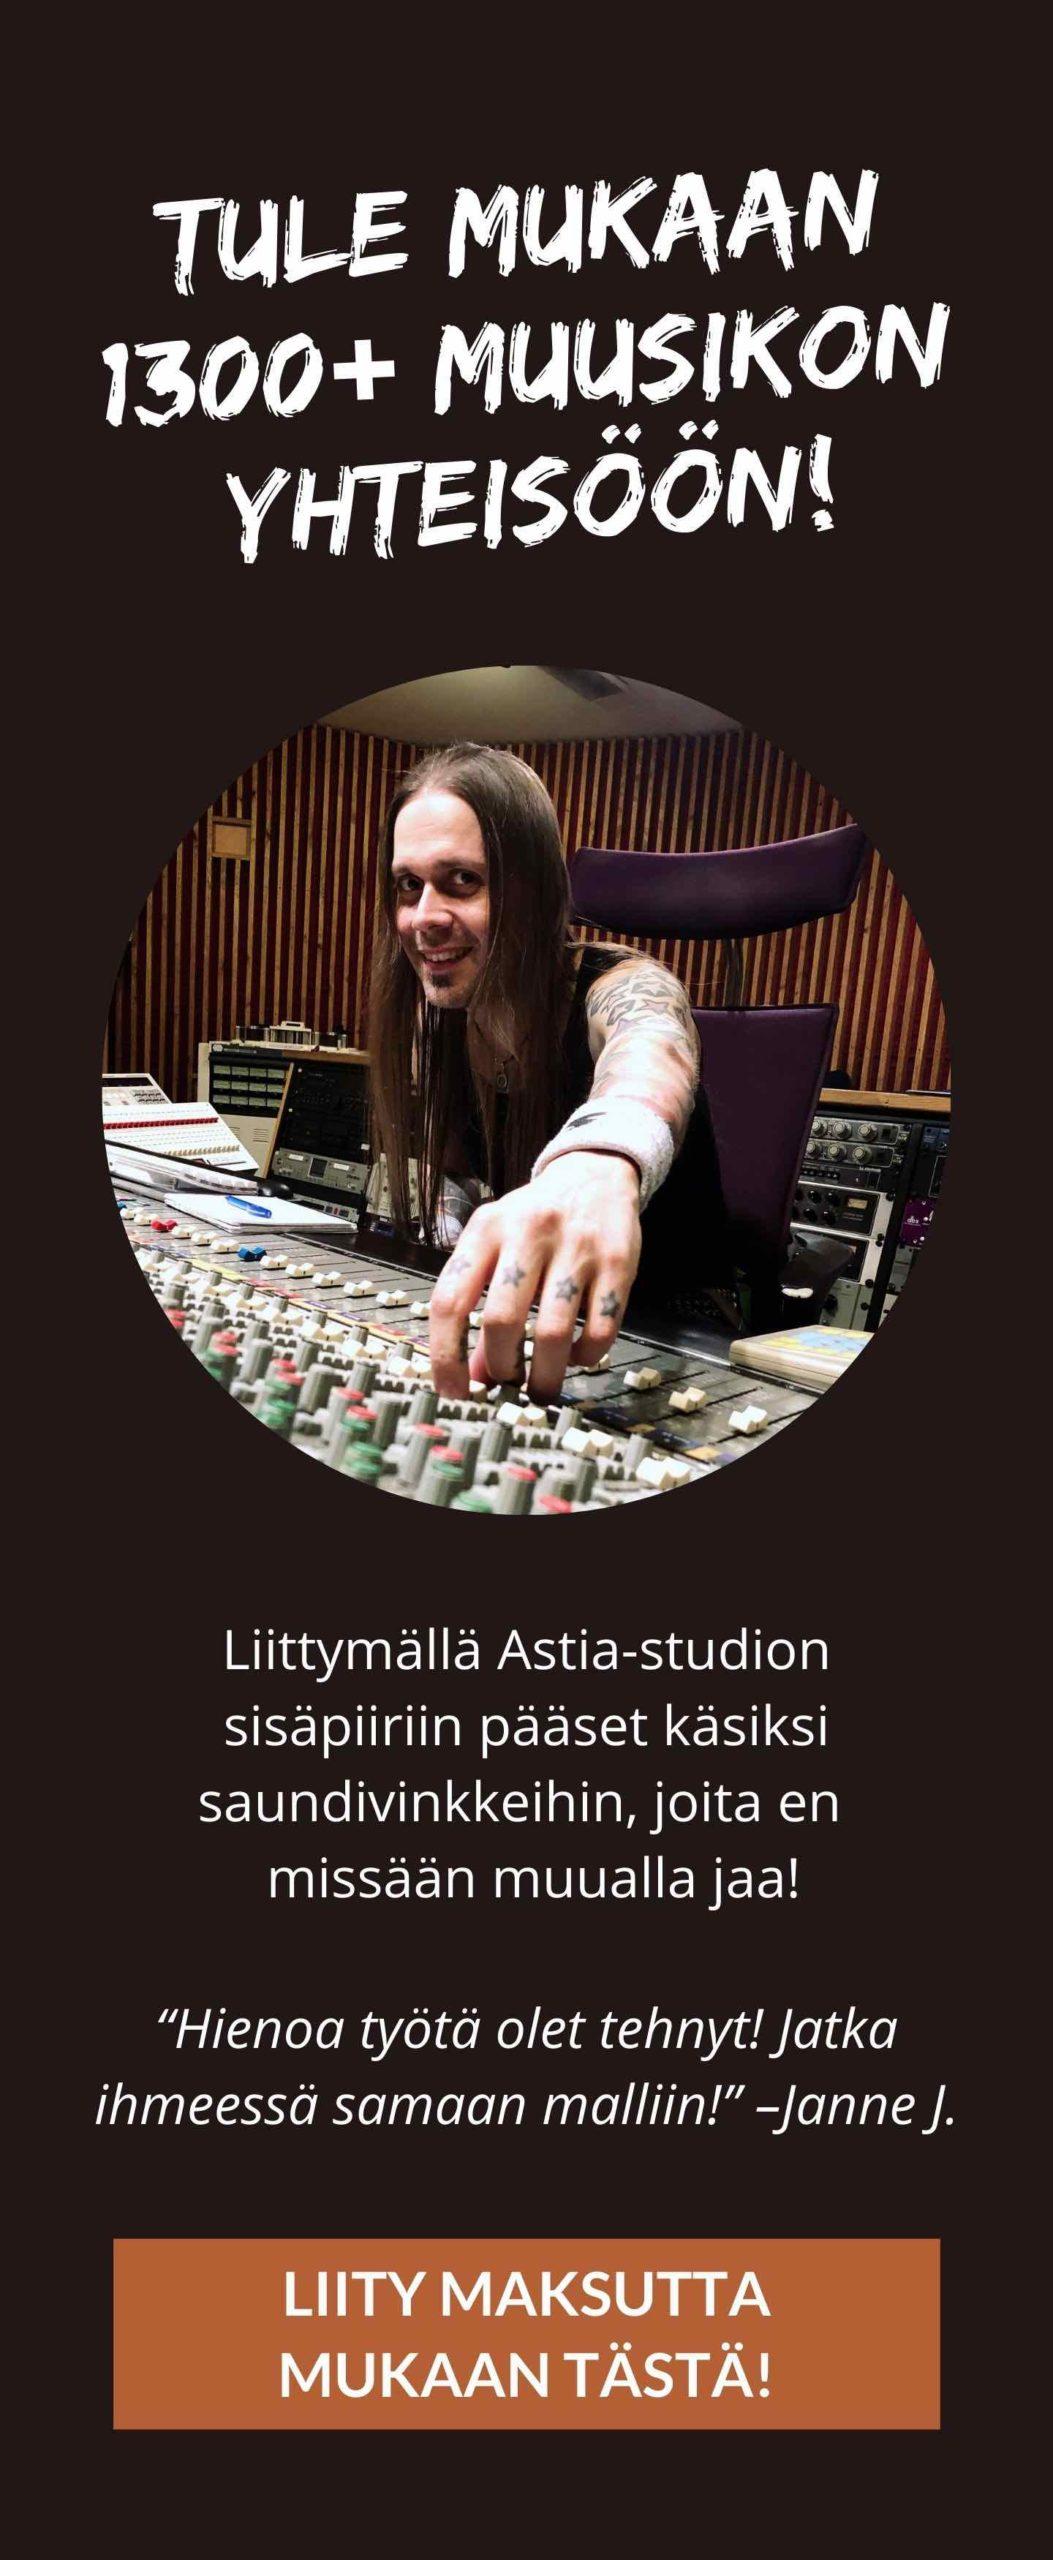 Liity Astia-studion sisäpiiriin